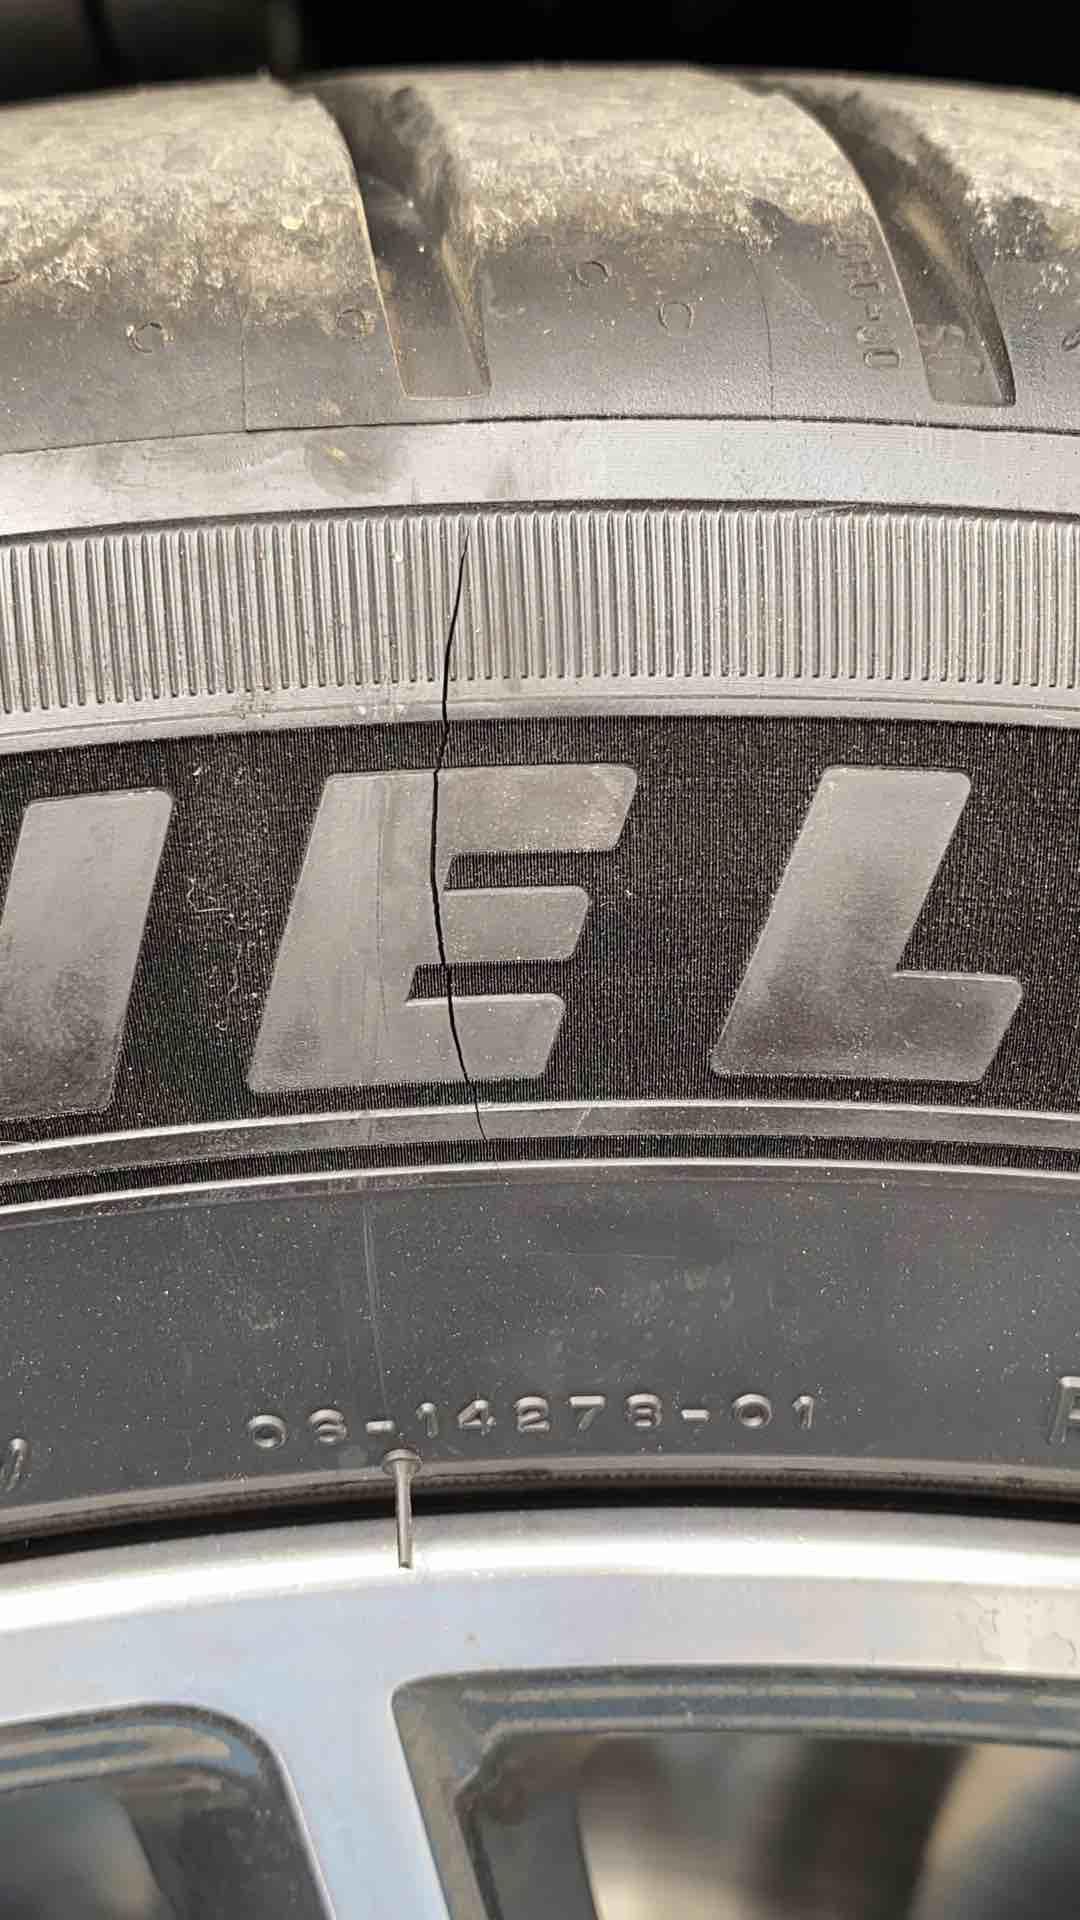 刚提了一个月不到的新车,轮胎开裂